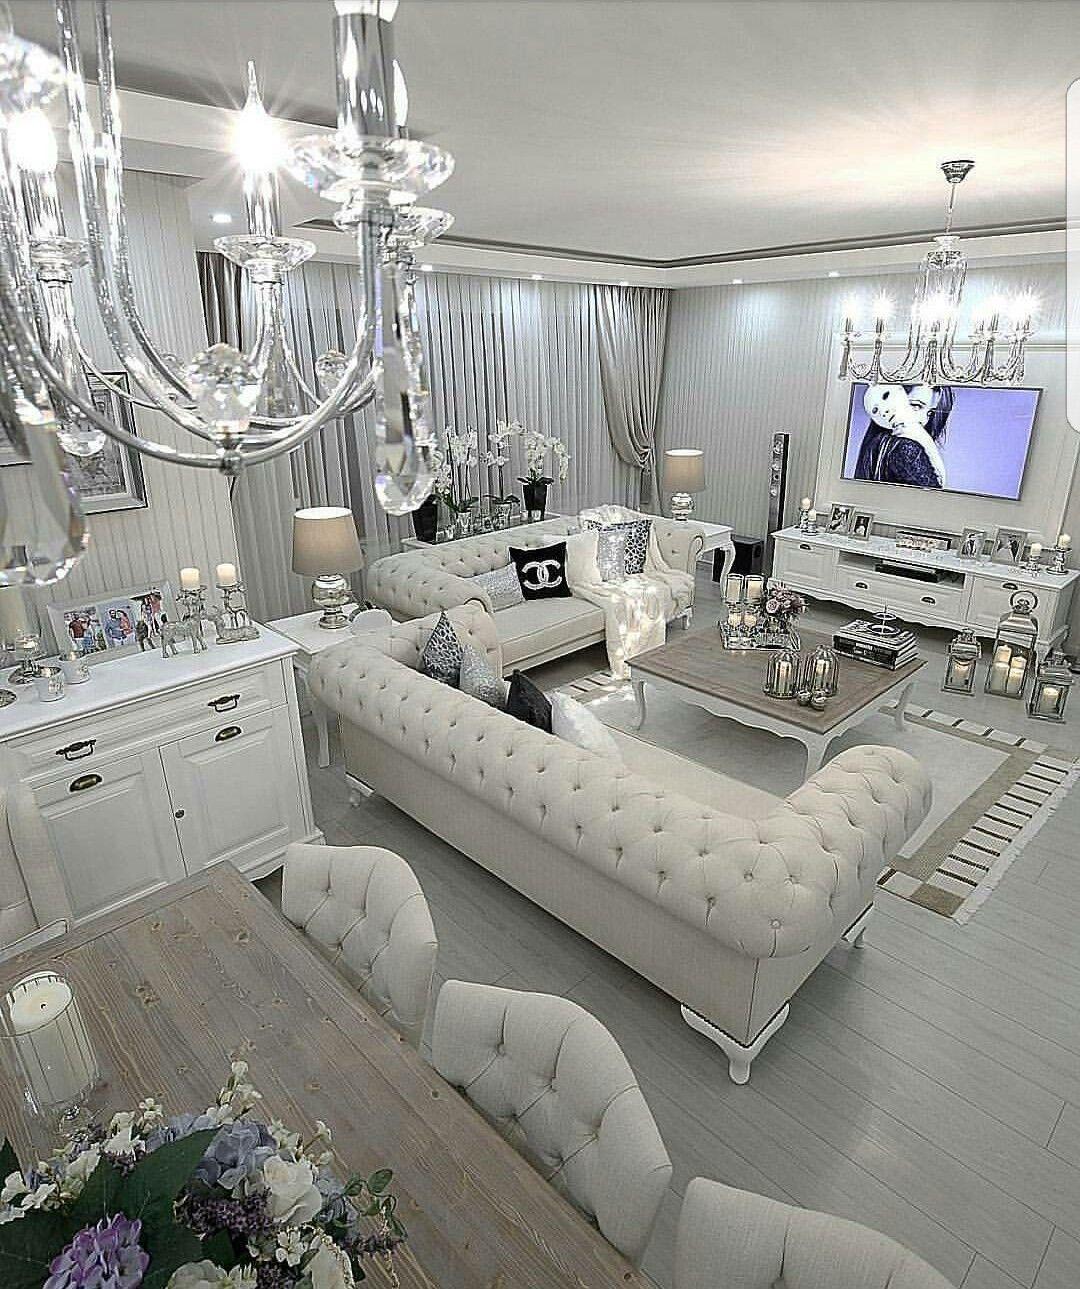 Crystal clear glamor style